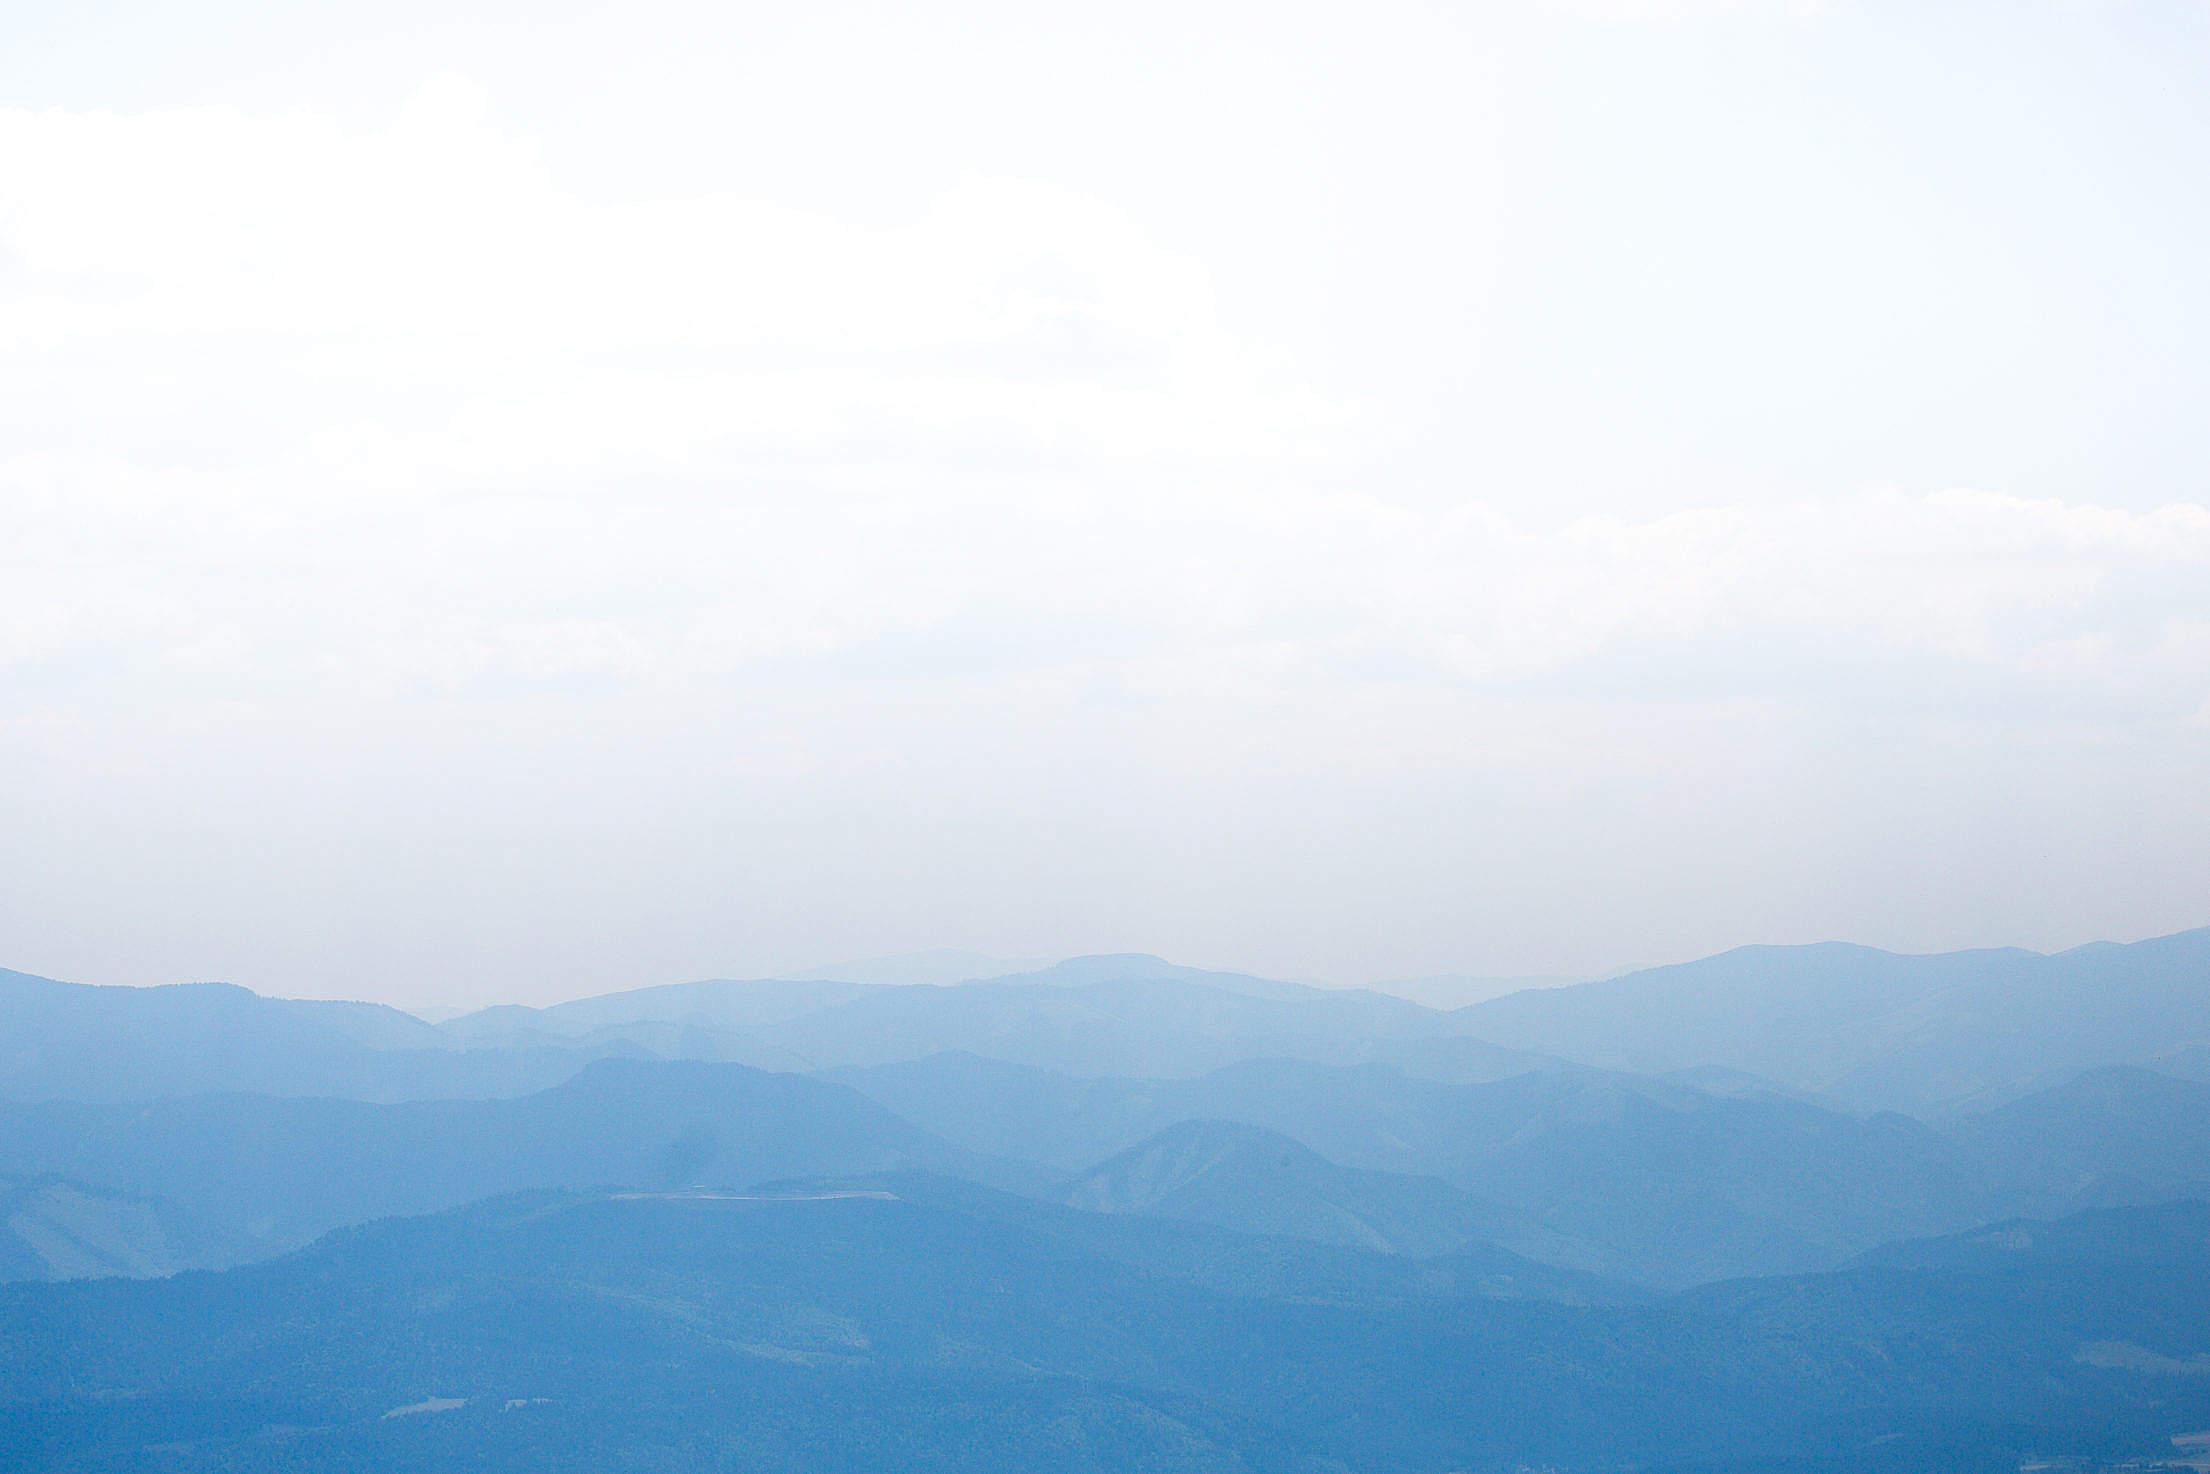 Blue Mountain Silhouettes Free Stock Photo